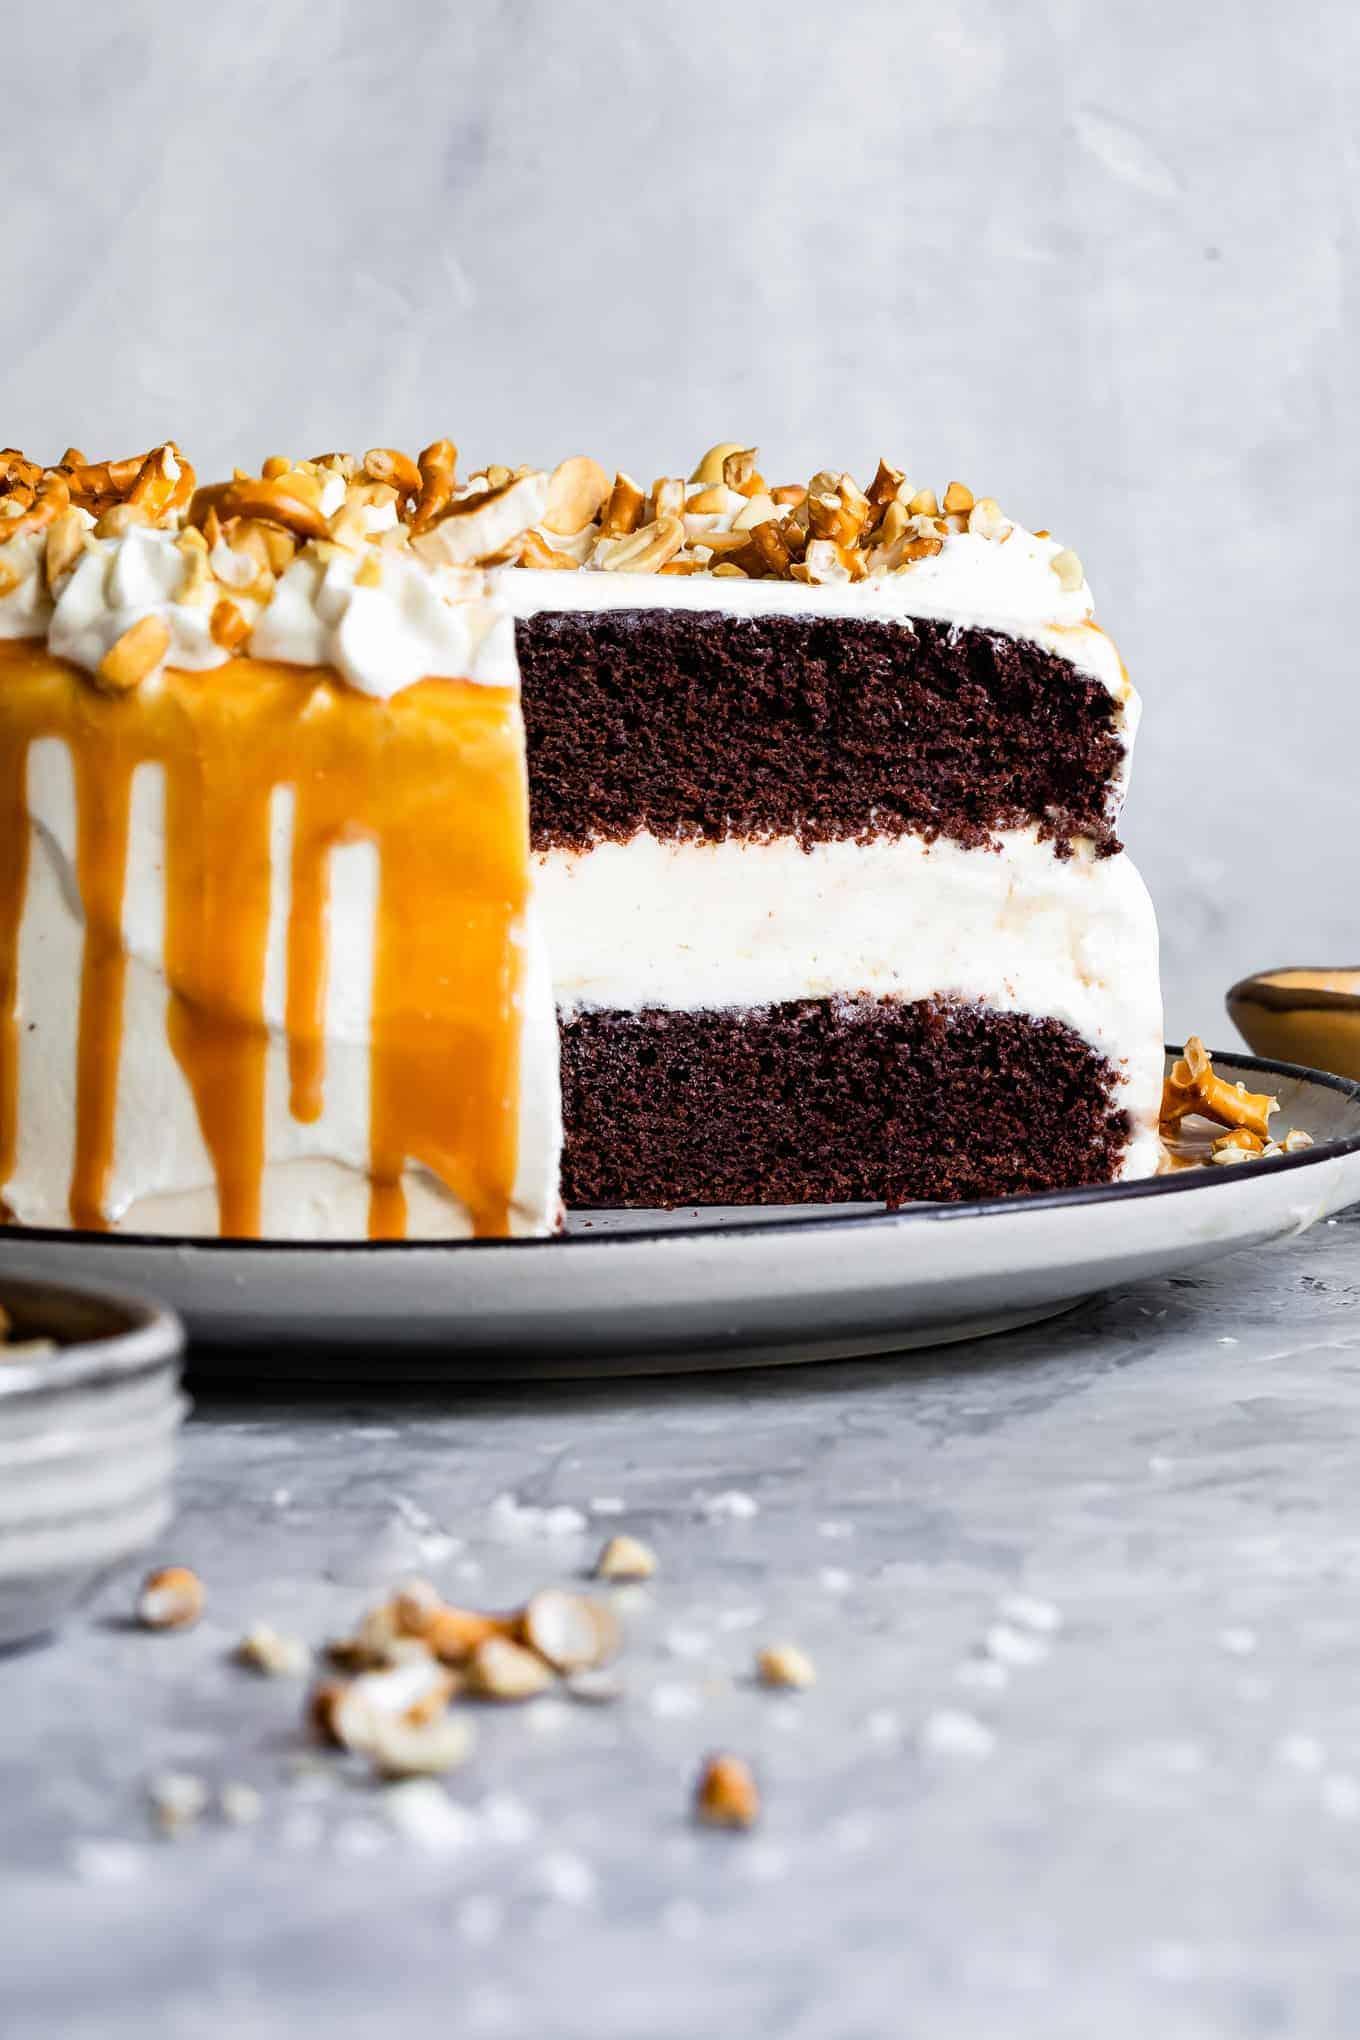 Gluten-Free Chocolate Ice Cream Cake